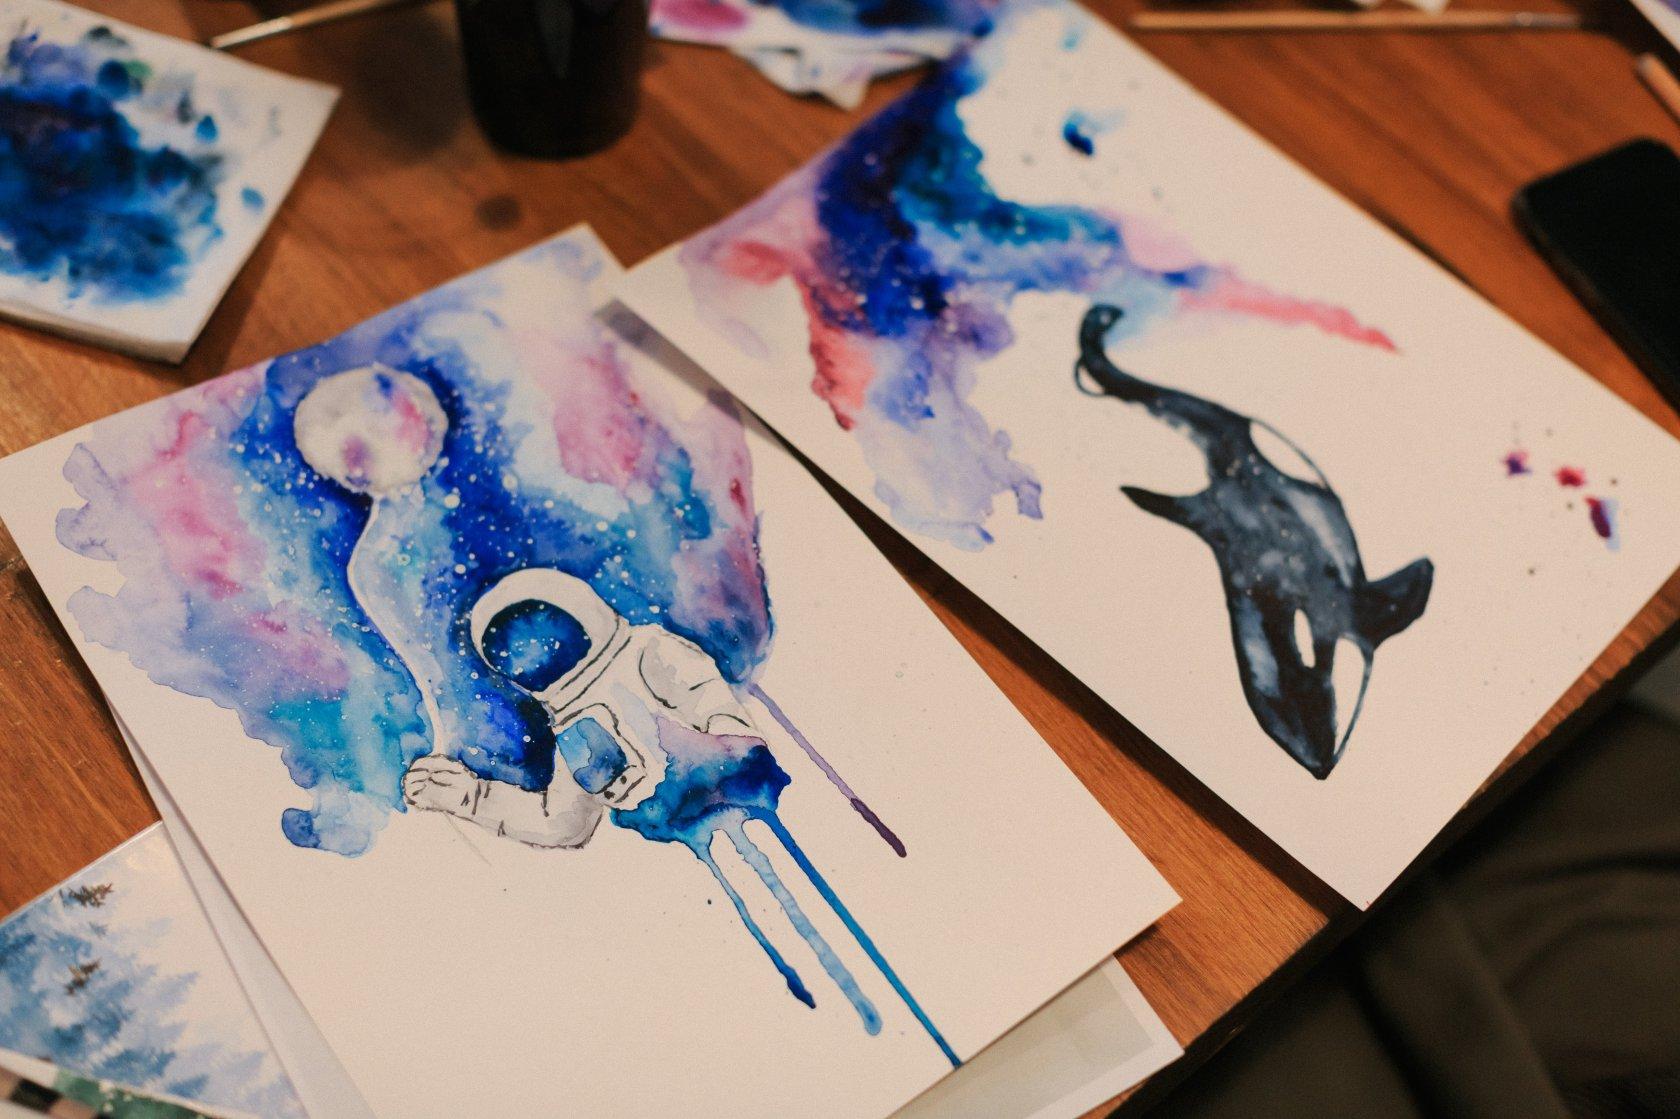 прикольные идеи для рисунков красками завоевали широкое признание